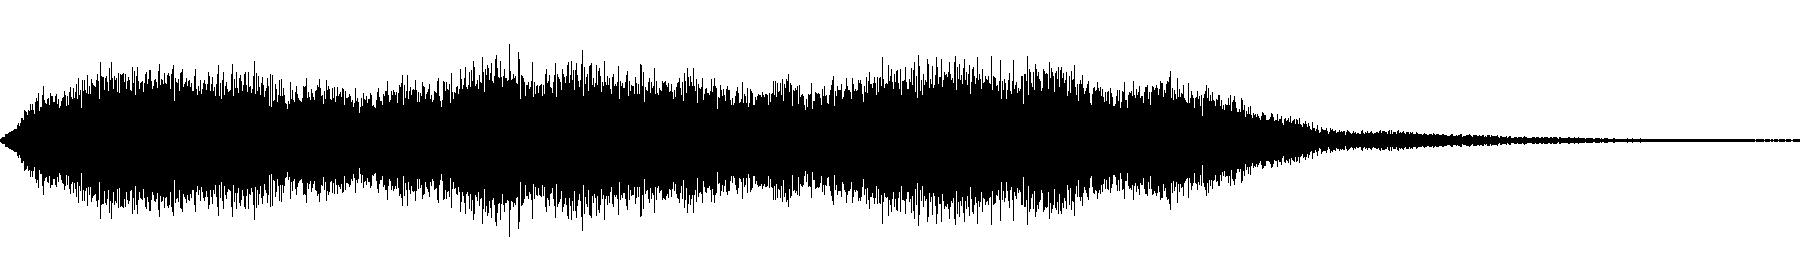 organ cm